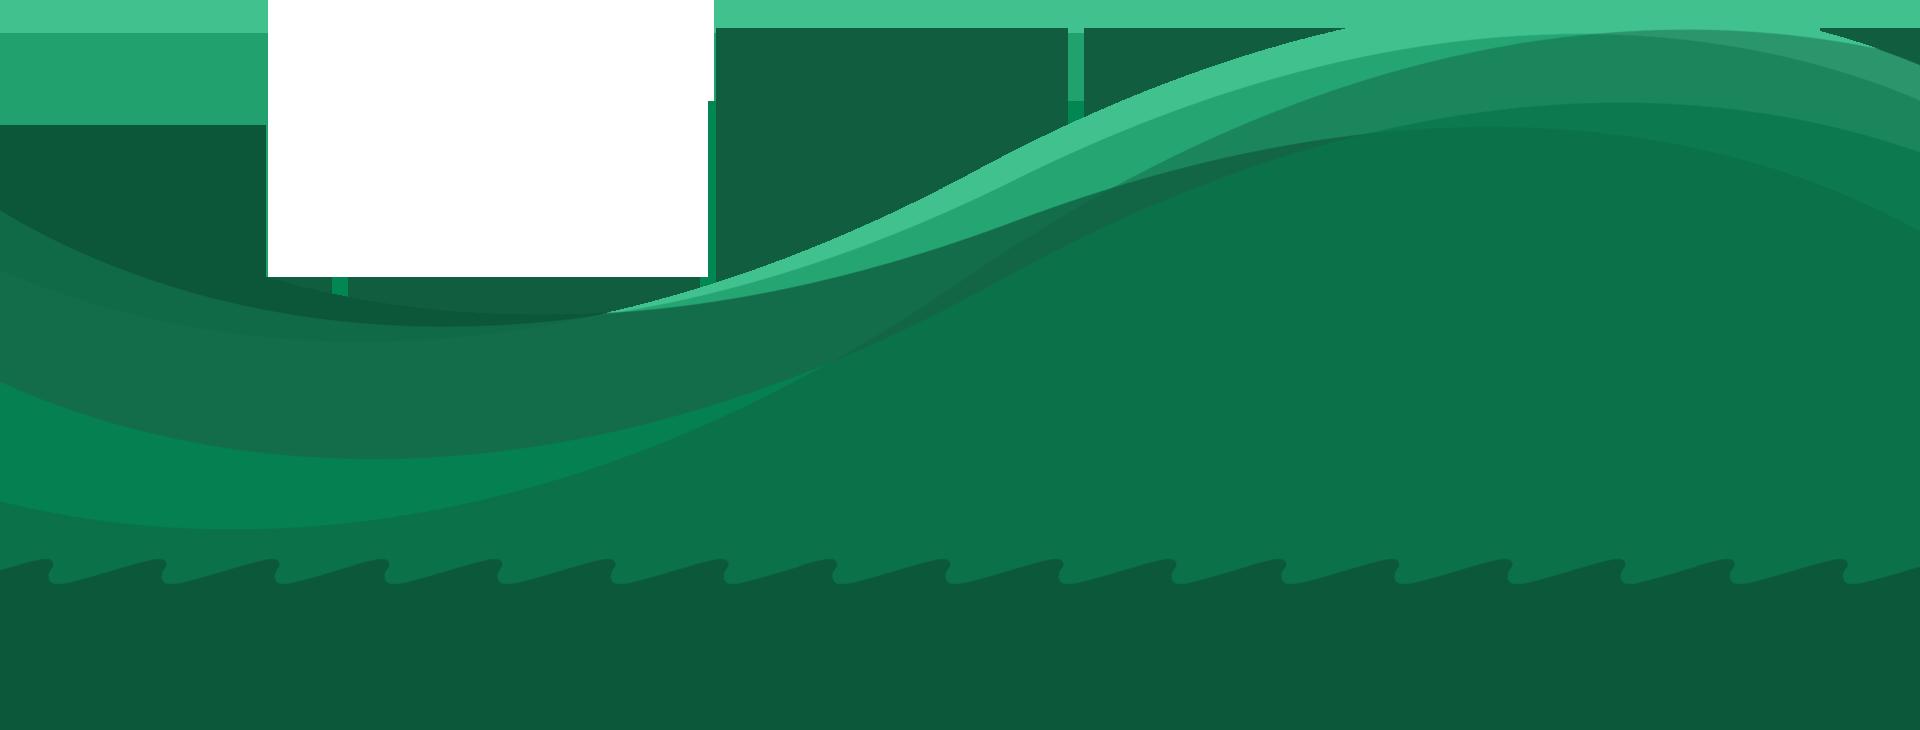 צורת גלים לפוטר